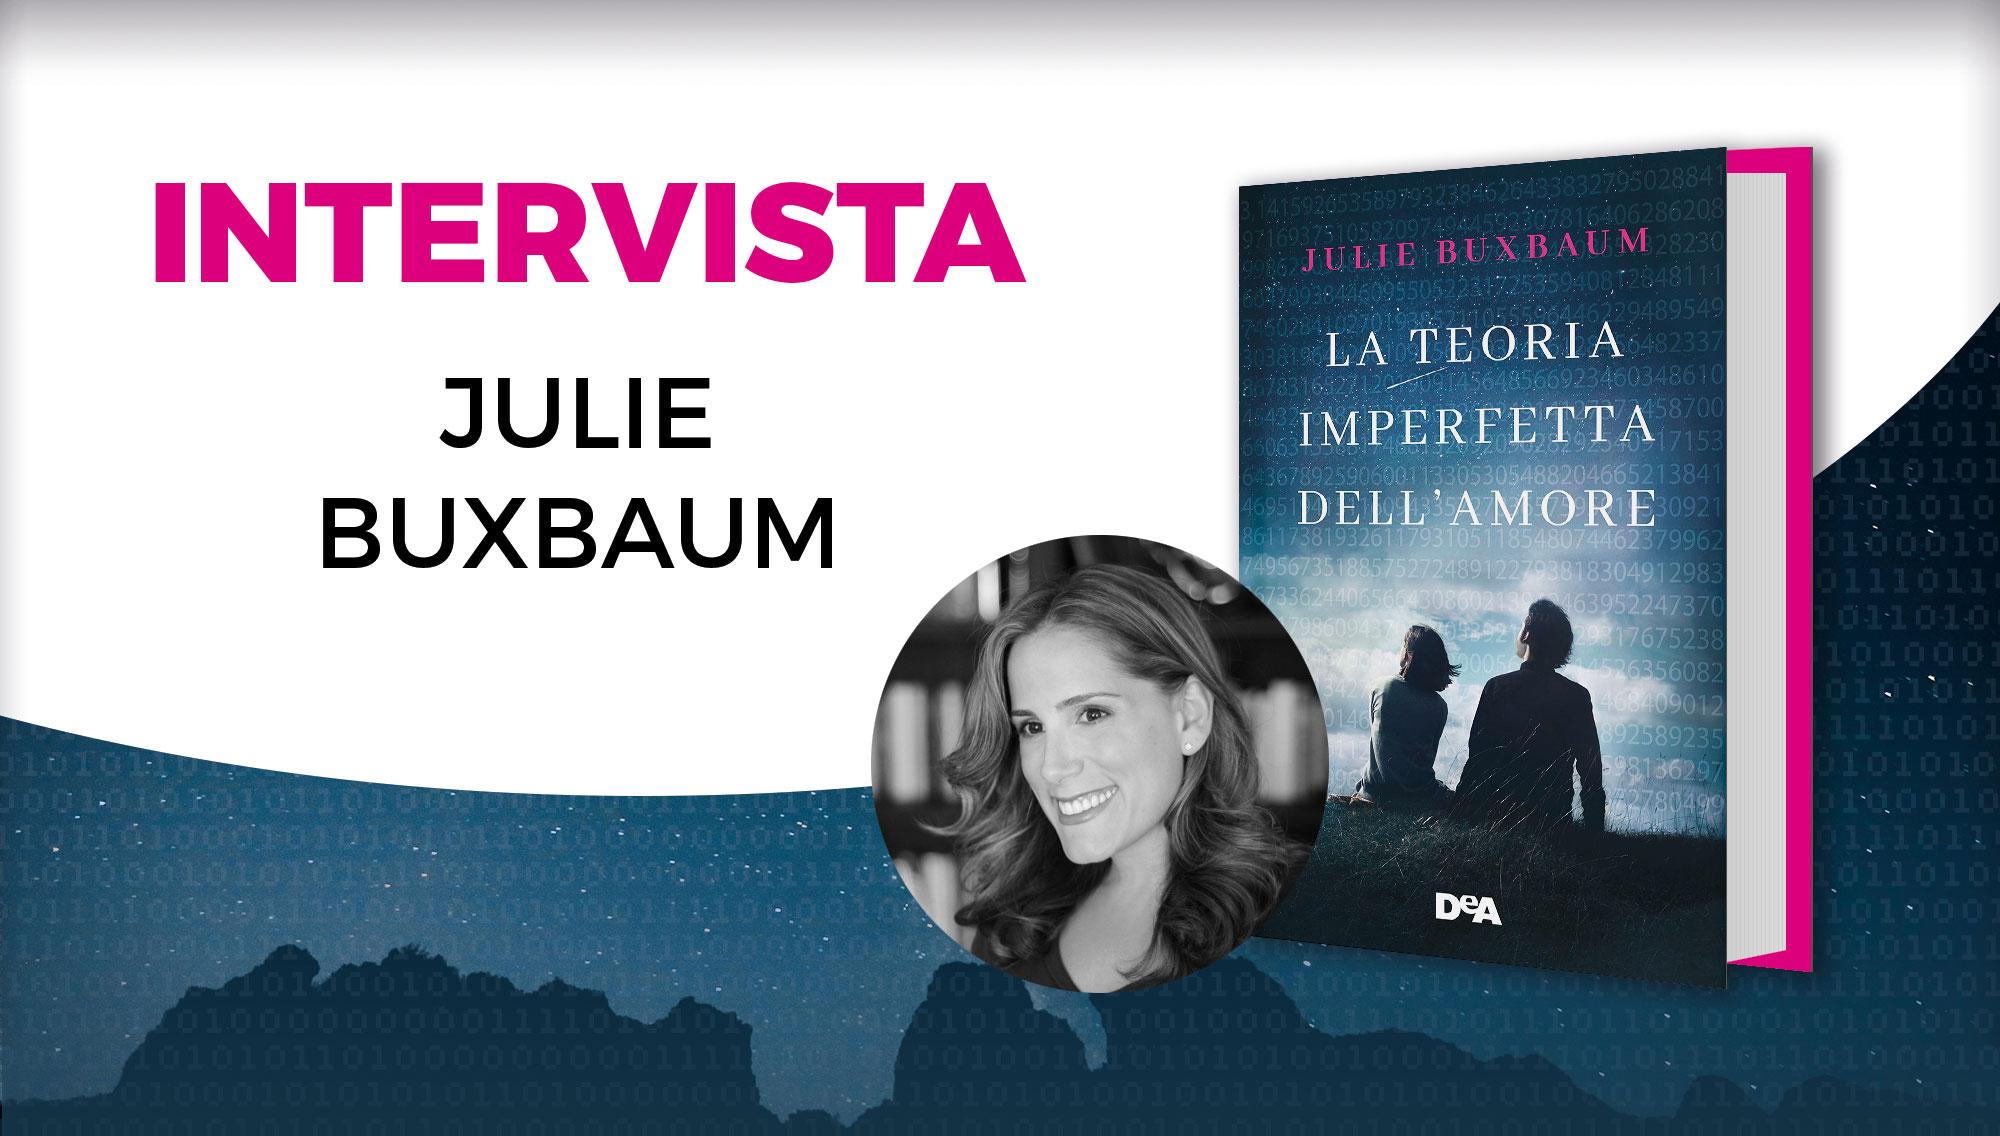 Intervista a Julie Buxbaum